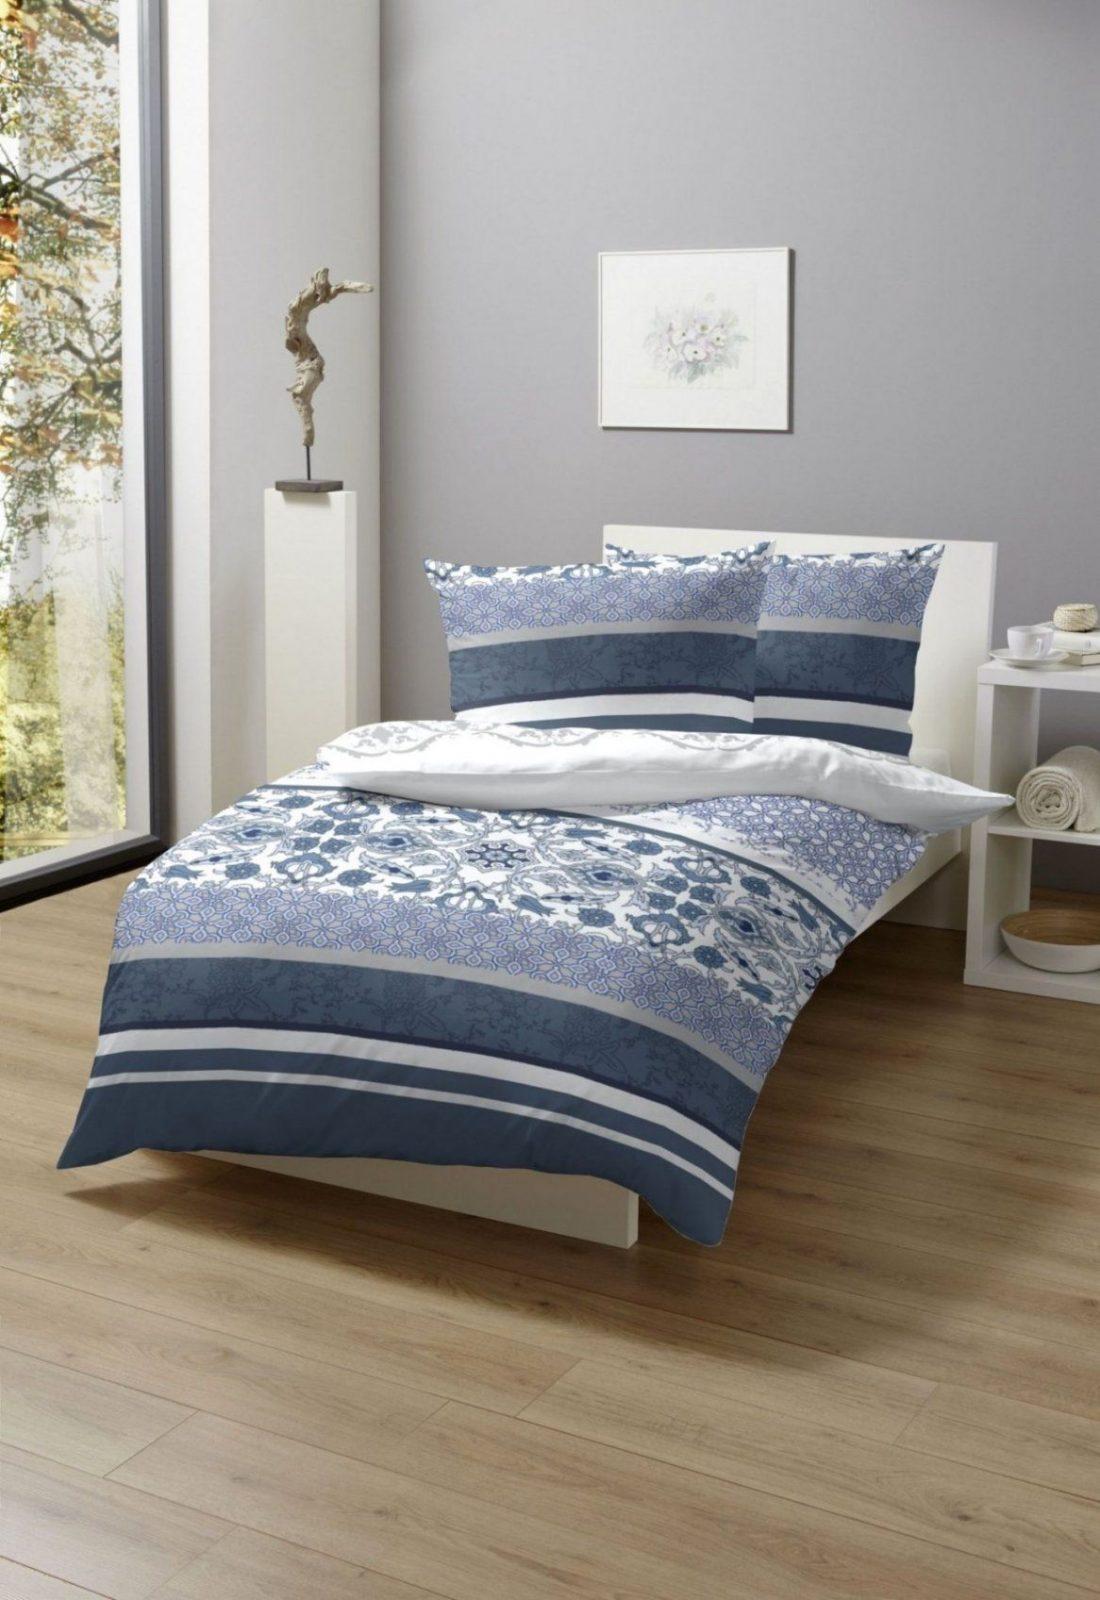 48 Neueste Bettwäsche Joop Reduziert Für Ihre Hausdesignideen von Elegante Bettwäsche Reduziert Bild